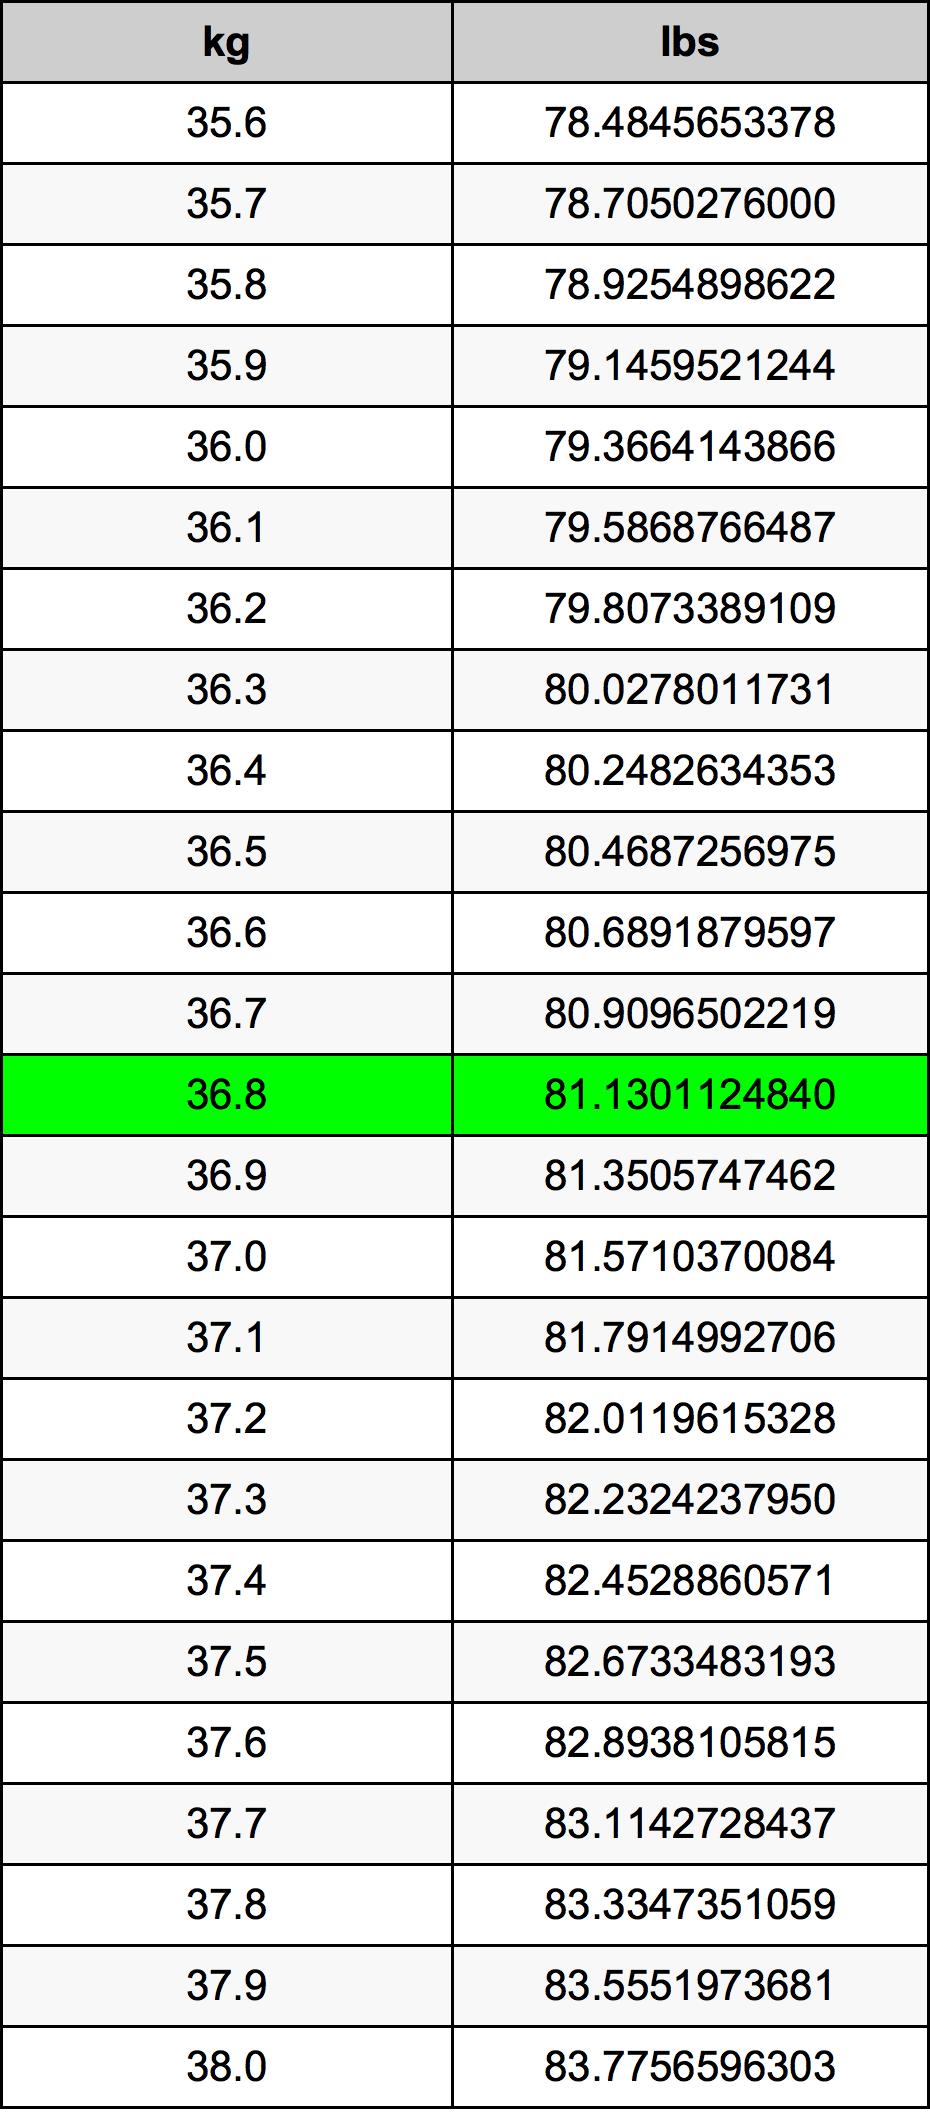 36.8 Kilogram Tablica konverzije